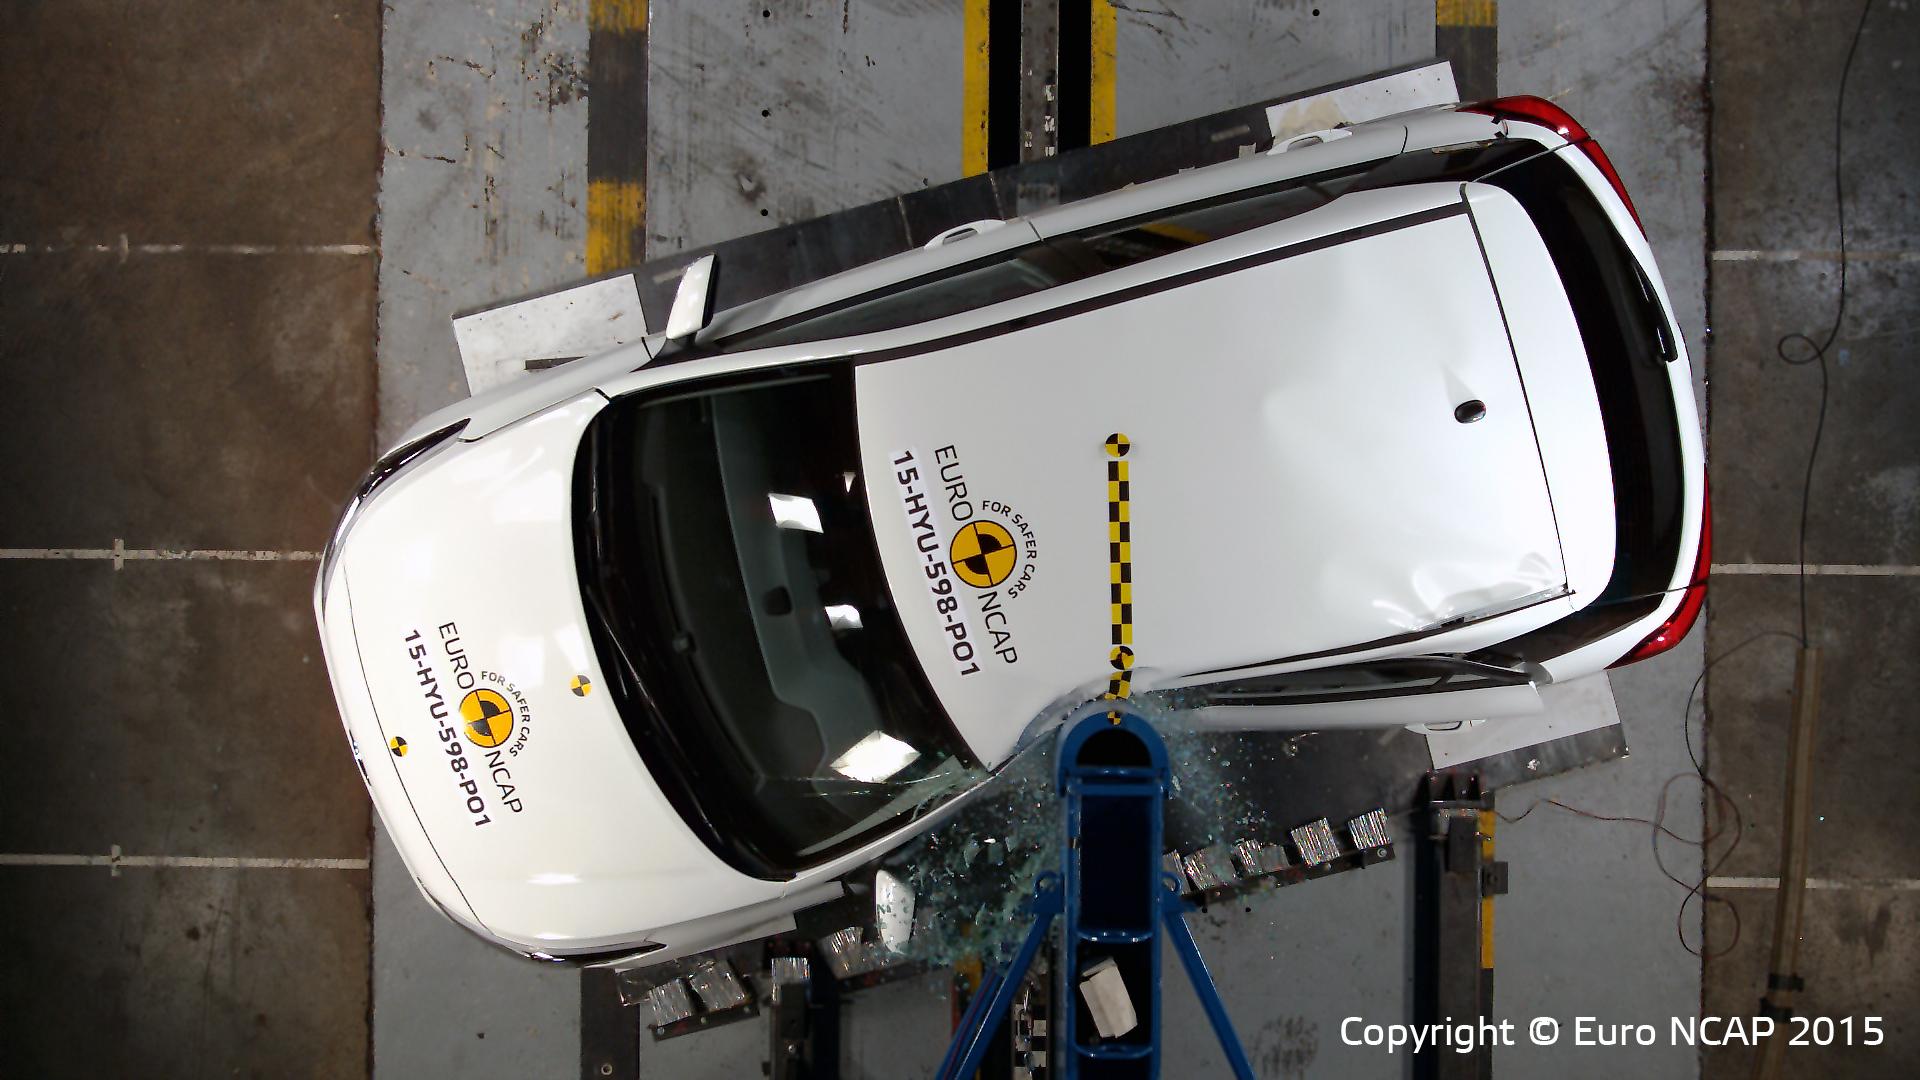 Vier sterren voor de Hyundai i20 is heel goed, al kun je dan geen AEB noodstopsysteem bijbestellen. Deze paal-proef is nu verzwaard, schuin en met grotere kracht dan voorheen.